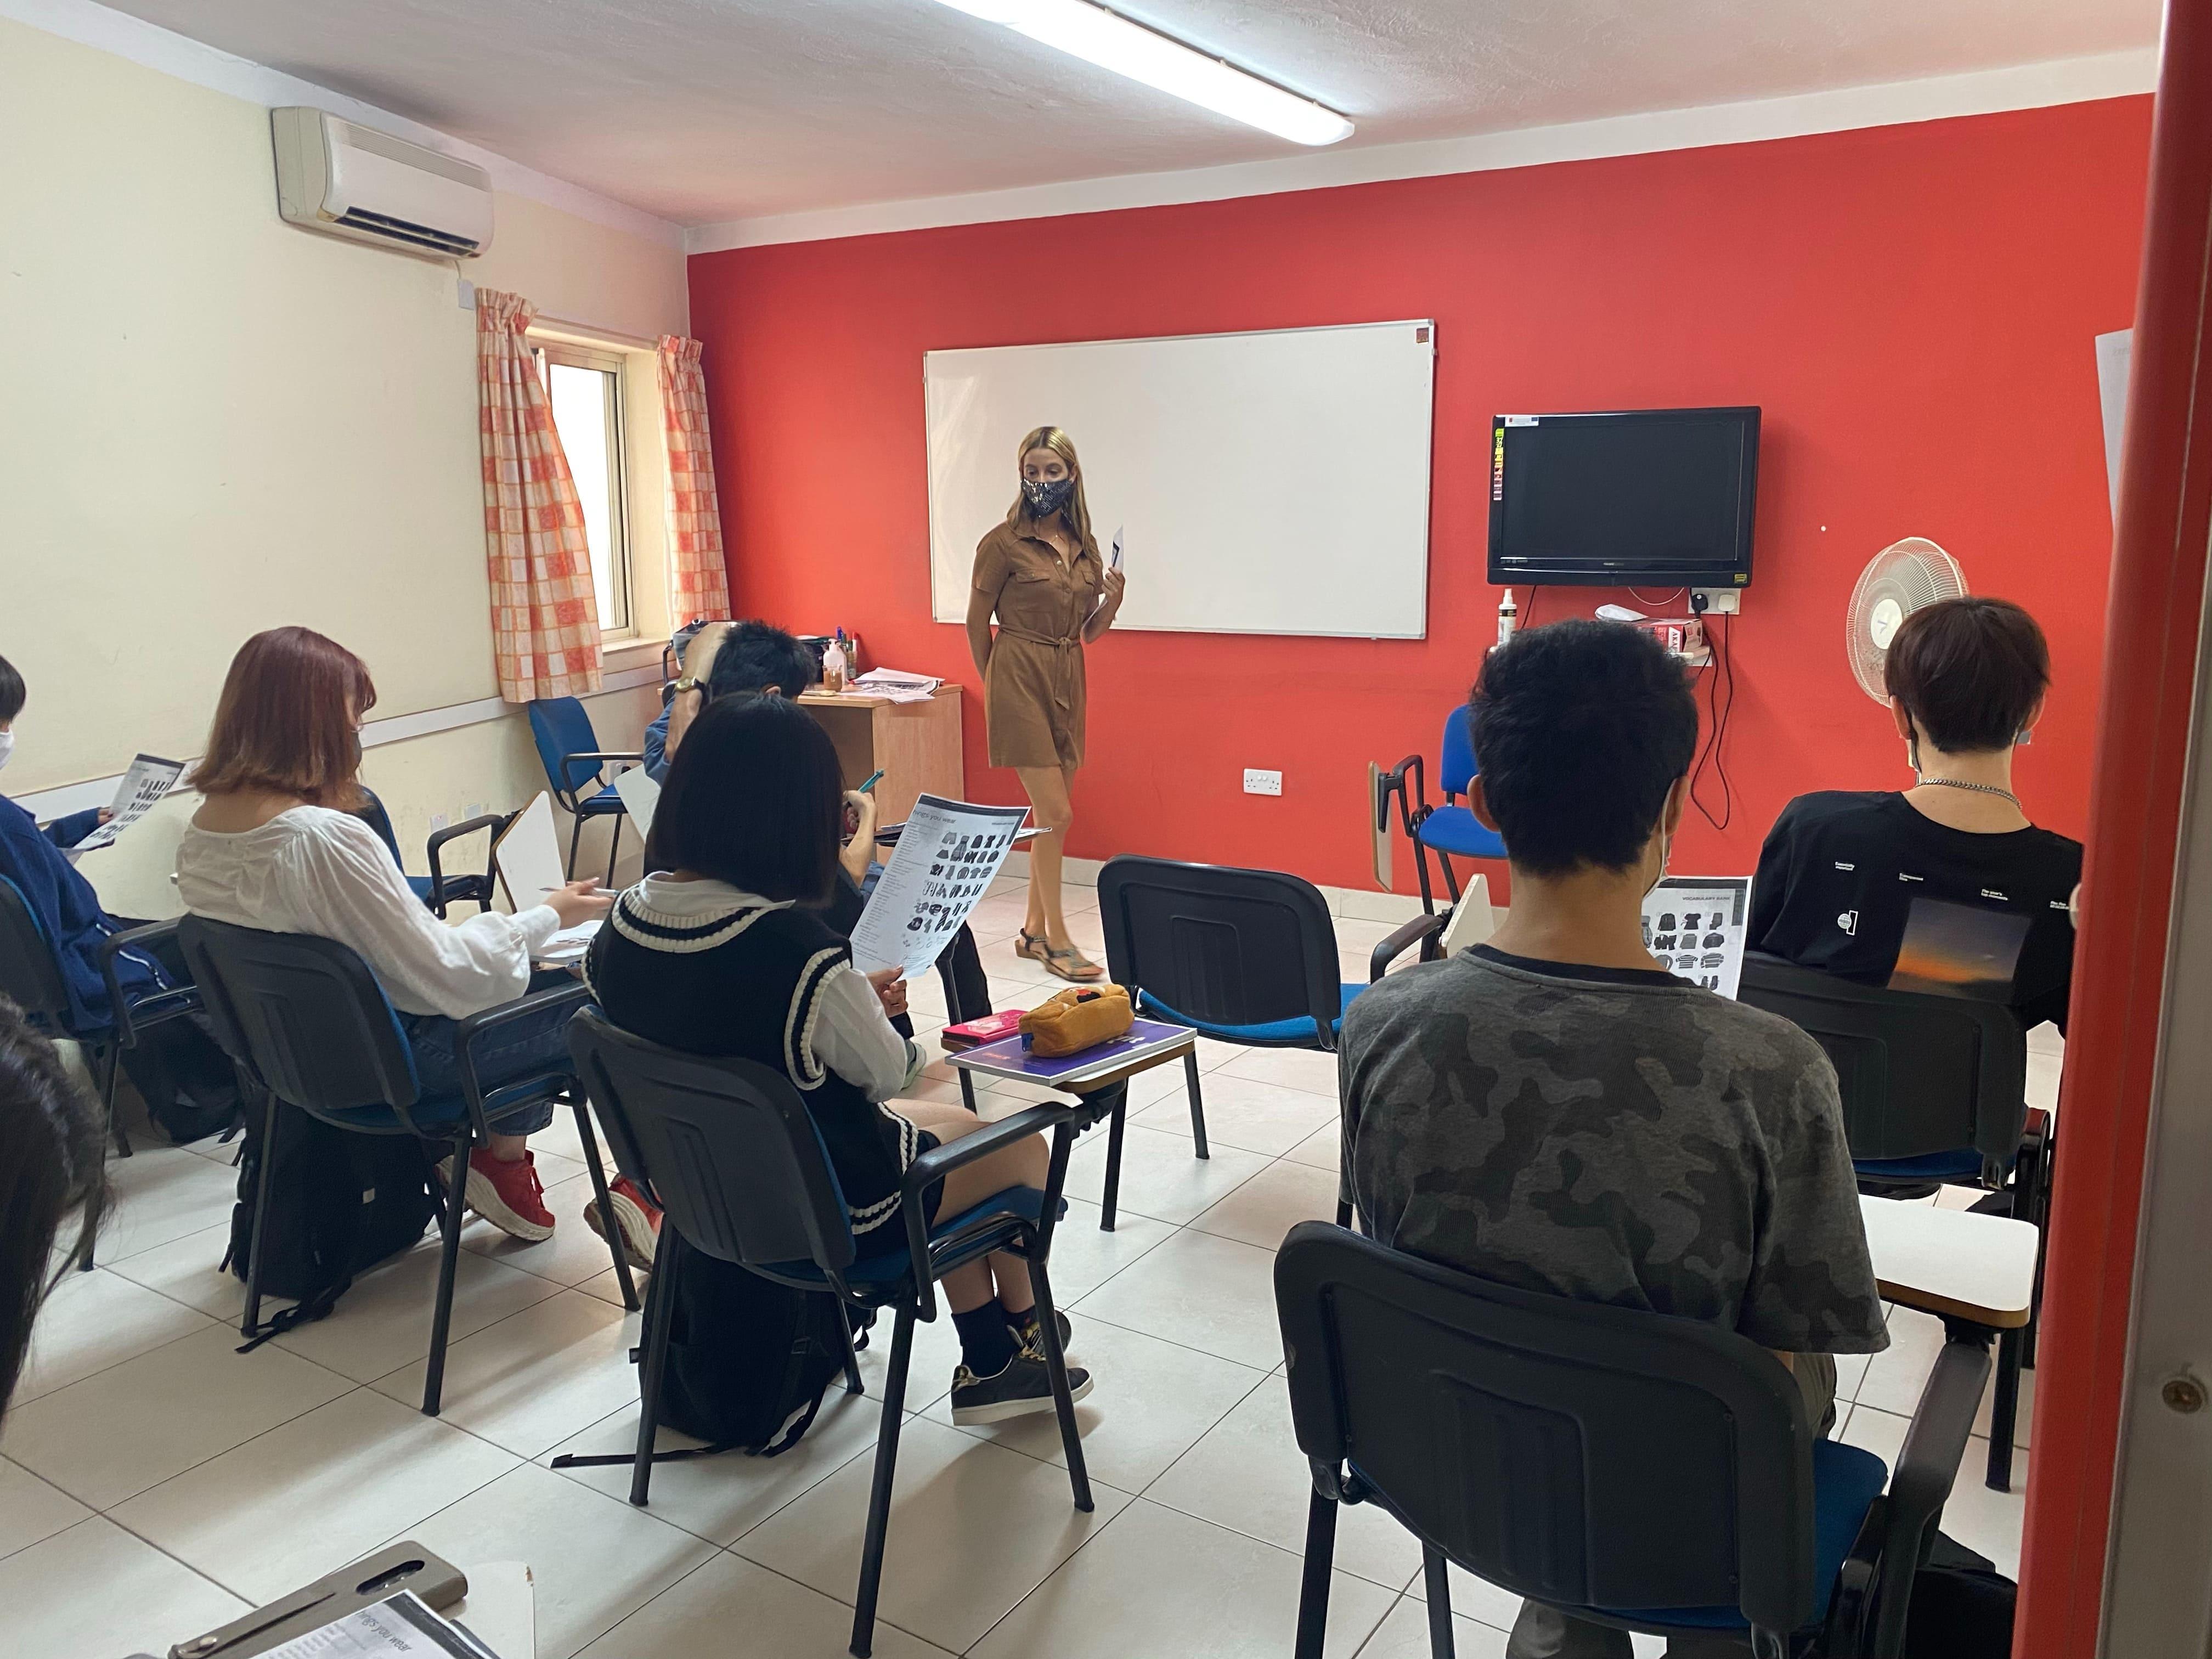 マルタ留学 9月28日~ いよいよ、授業開始! | 代々木グローバル高等学院[公式]